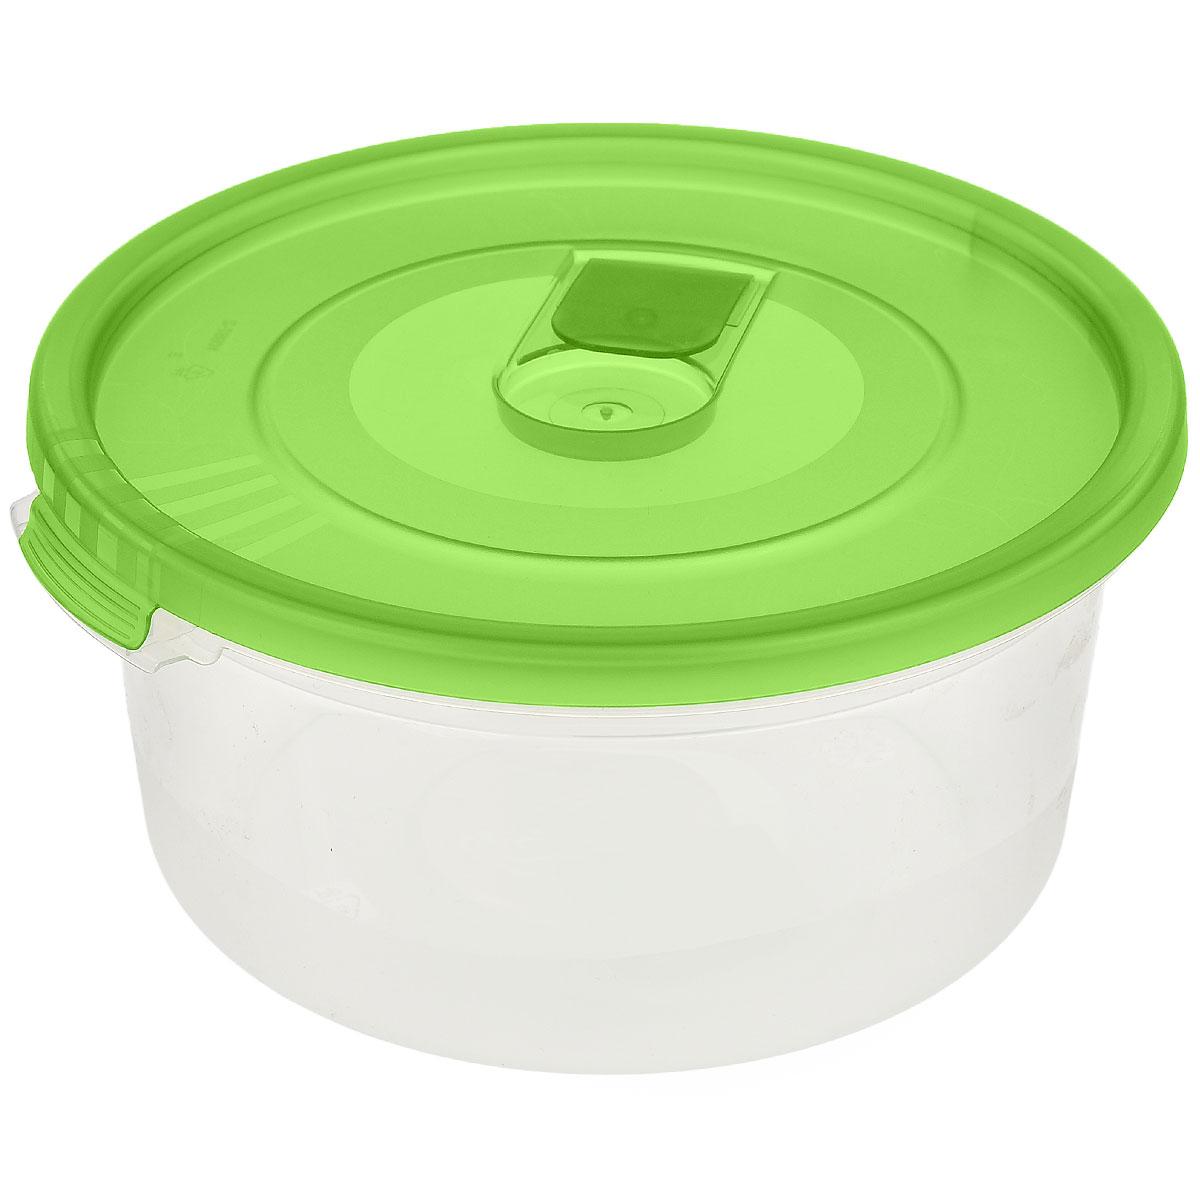 Контейнер Полимербыт Смайл, цвет: прозрачный, зеленый, 800 млД Дачно-Деревенский 20Контейнер Полимербыт Смайл круглой формы, изготовленный из прочного пластика, специально предназначен для хранения пищевых продуктов. Контейнер оснащен герметичной крышкой со специальным клапаном, благодаря которому внутри создается вакуум и продукты дольше сохраняют свежесть и аромат. Крышка легко открывается и плотно закрывается.Стенки контейнера прозрачные - хорошо видно, что внутри. Контейнер устойчив к воздействию масел и жиров, легко моется. Контейнер имеет возможность хранения продуктов глубокой заморозки, обладает высокой прочностью. Можно мыть в посудомоечной машине. Подходит для использования в микроволновых печах. Диаметр: 15 см. Высота (без крышки): 7 см.